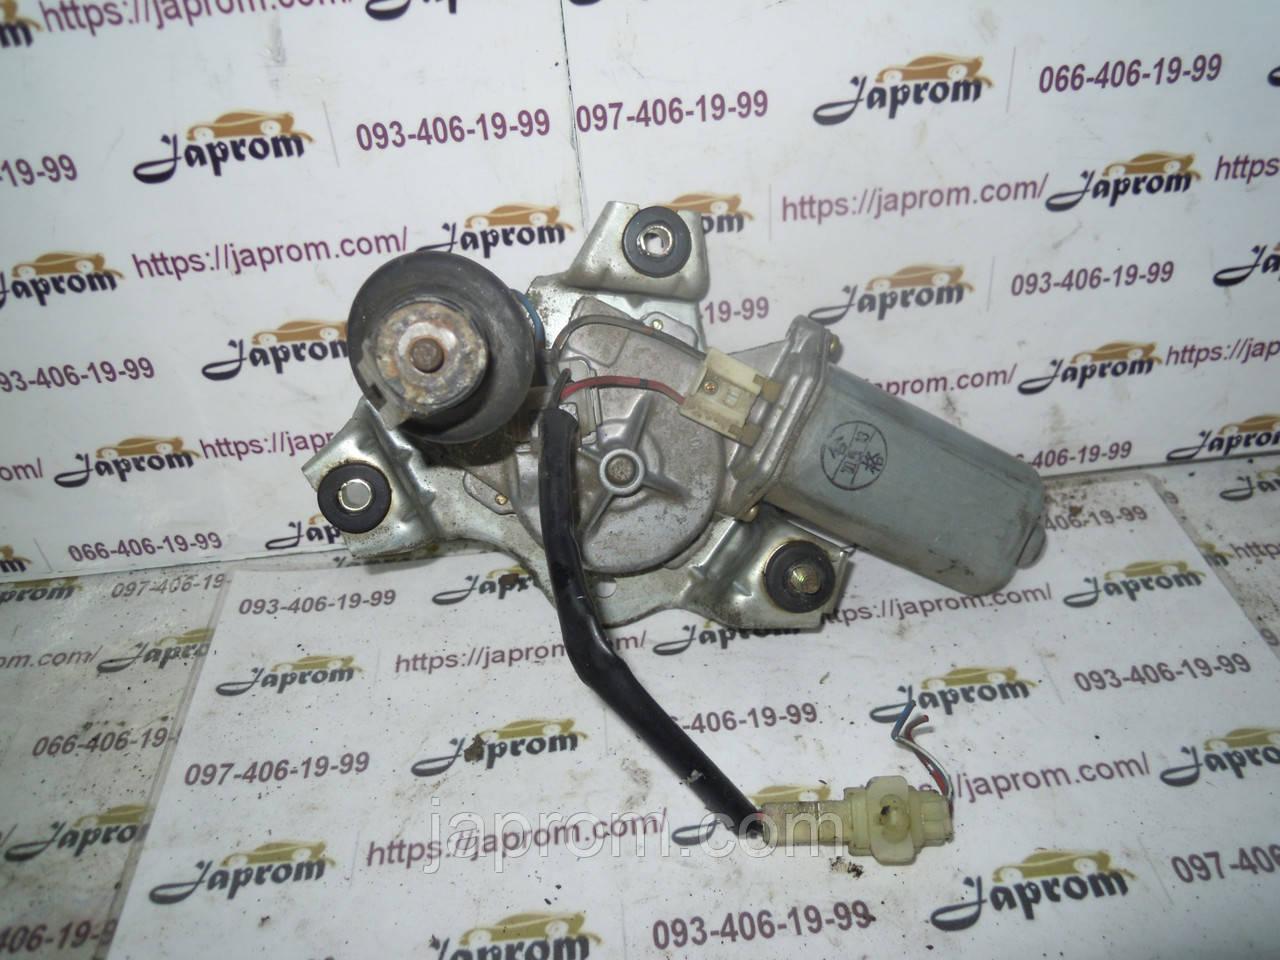 Моторчик стеклоочистителя крышки багажника Mazda 626 GF GW 1997-2002г.в. Универсал